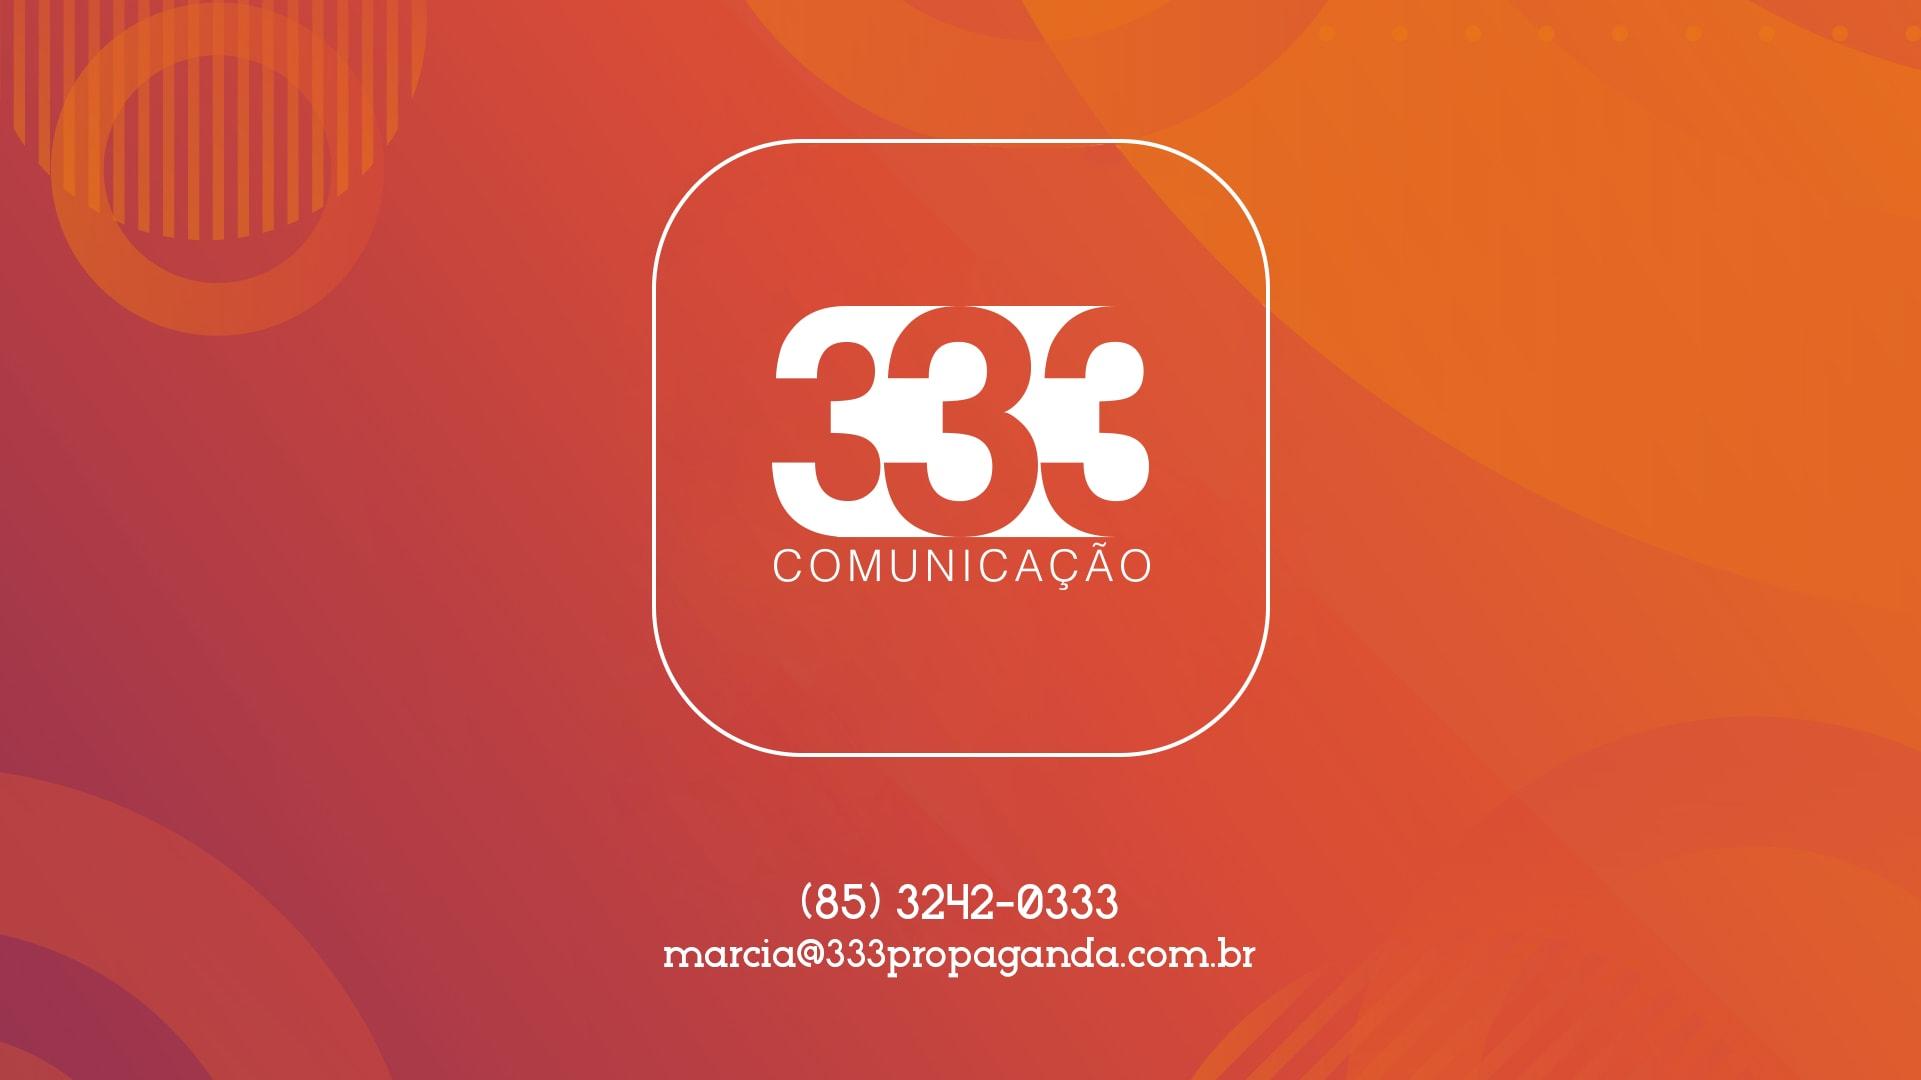 333 Comunicação